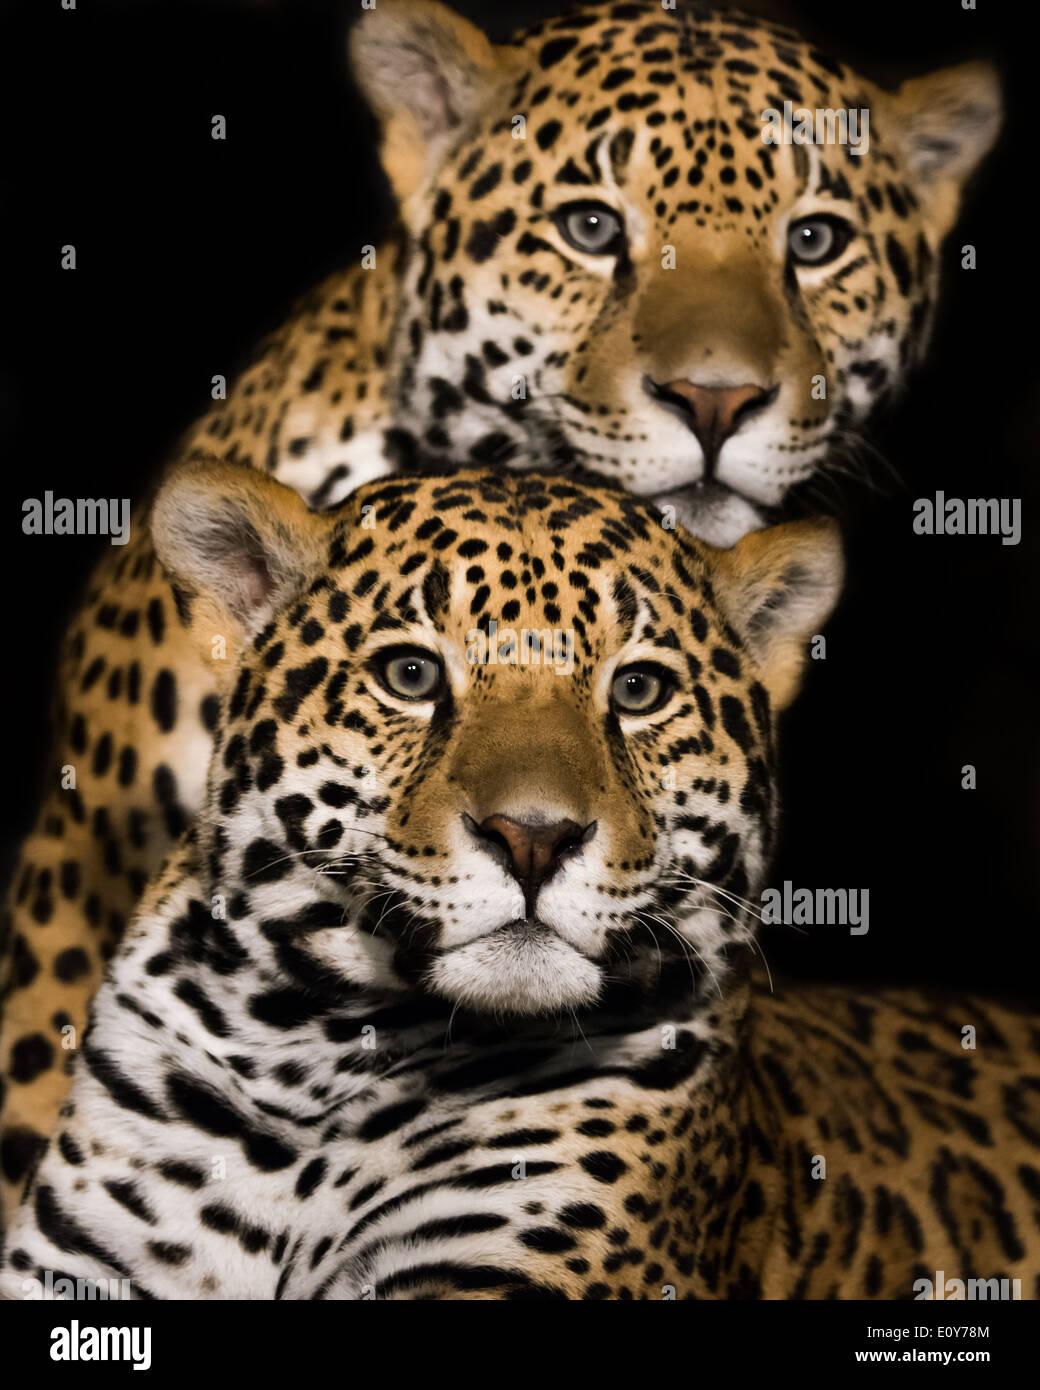 Frontal Portrait of a Jaguar Pair - Stock Image